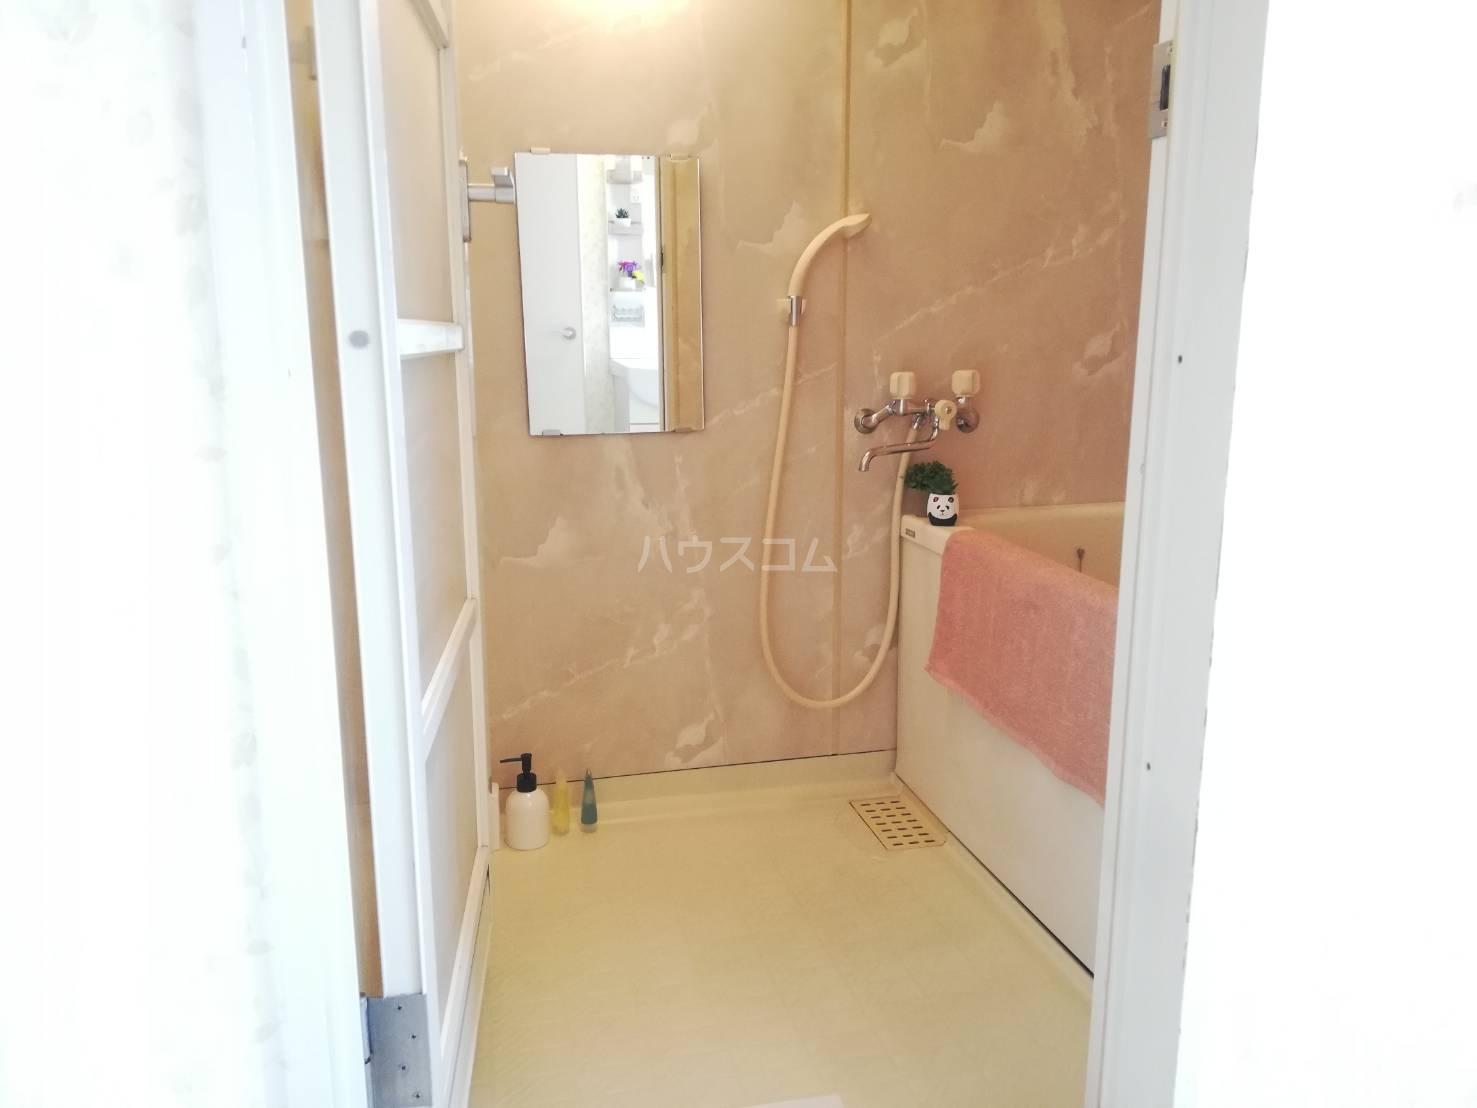 刈谷アルタイルの風呂